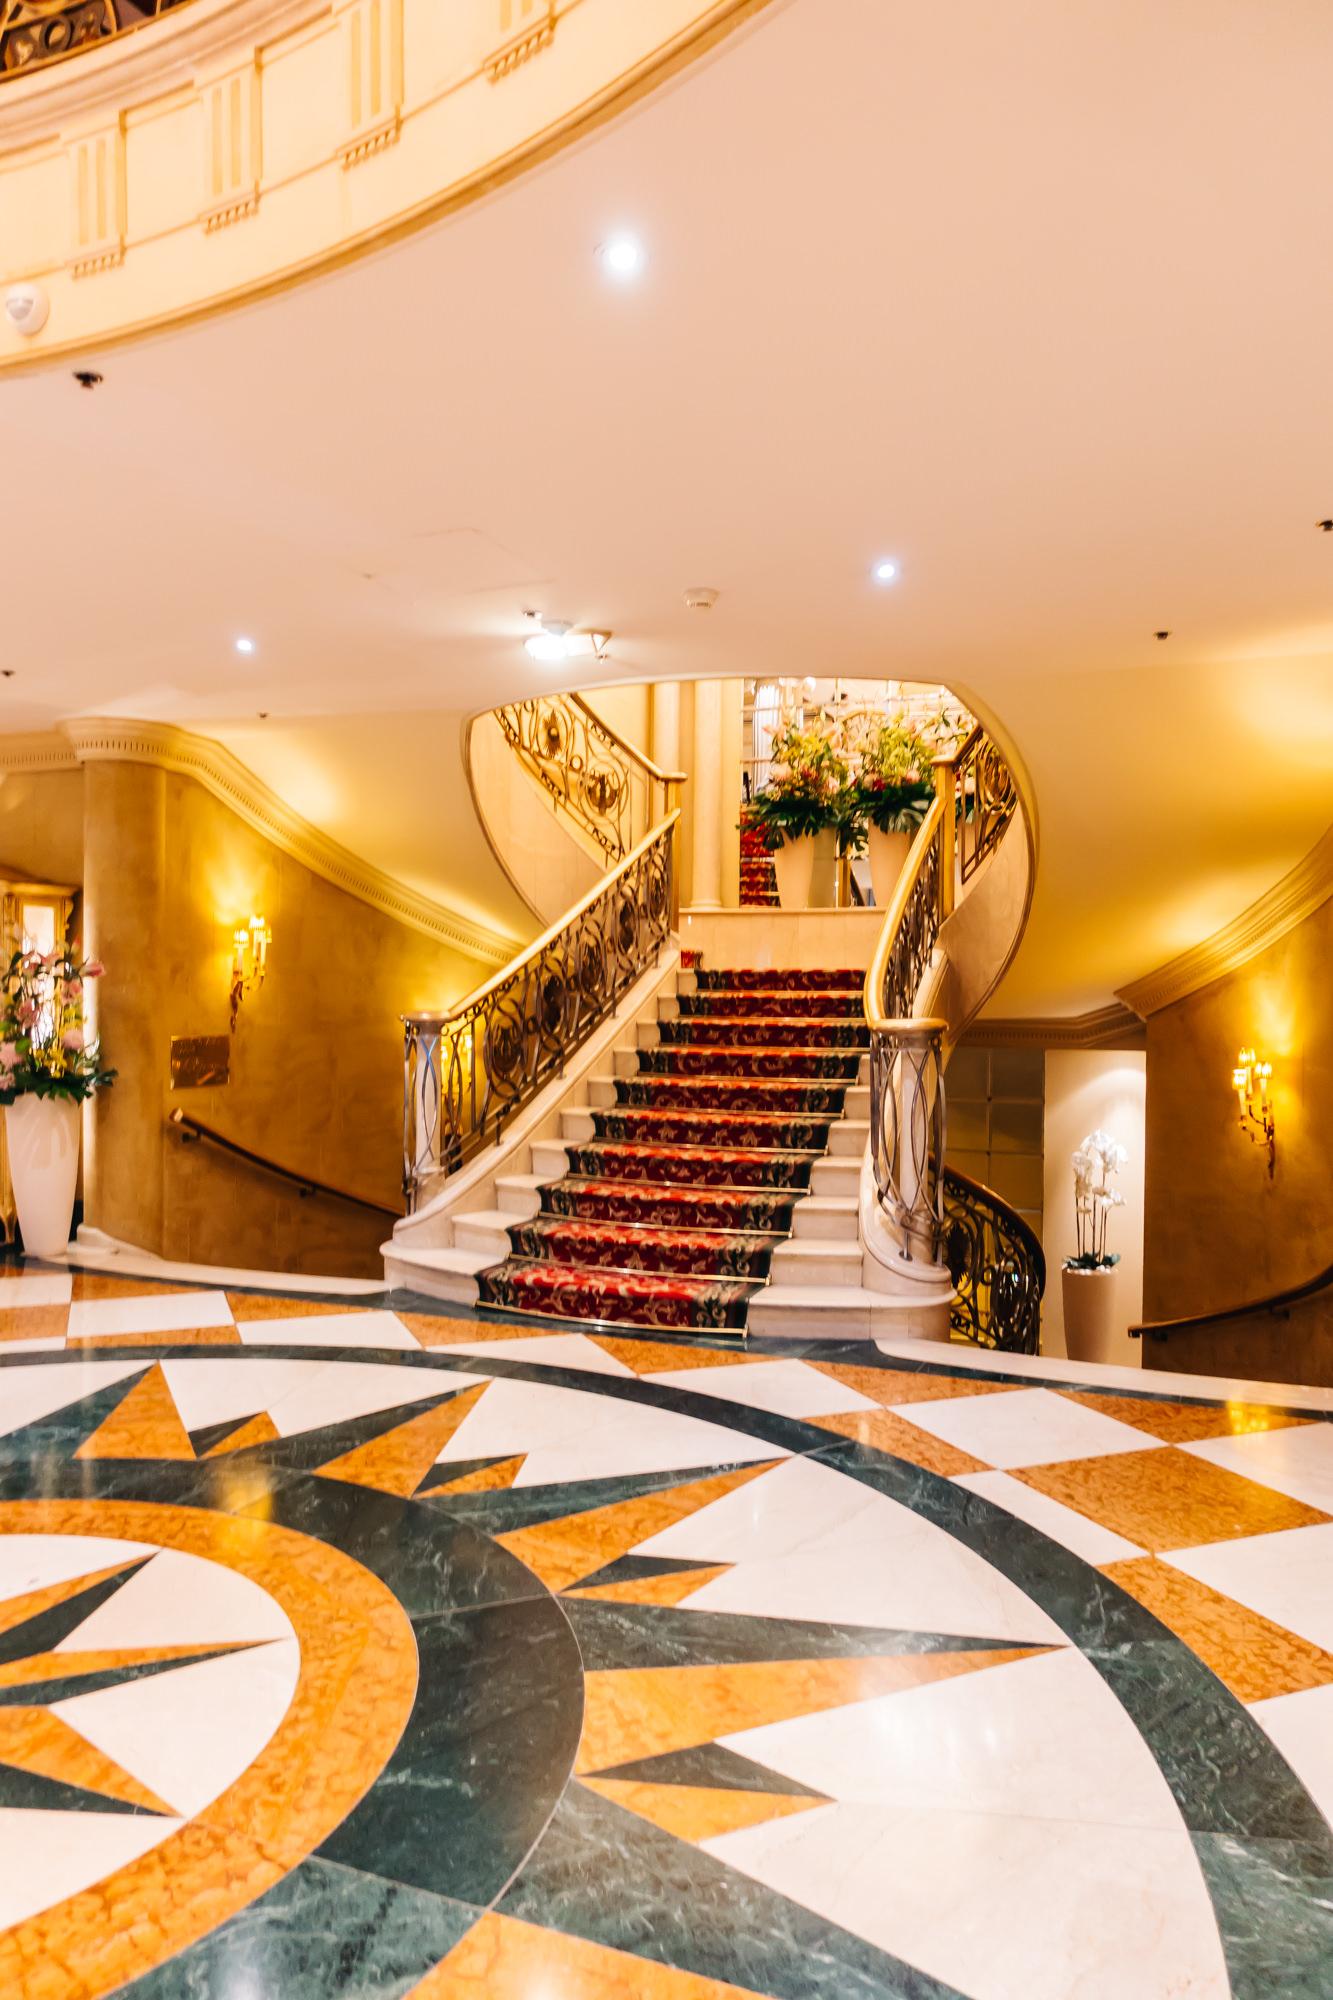 Grand Hotel Wien #Vienna #Austria #Europe